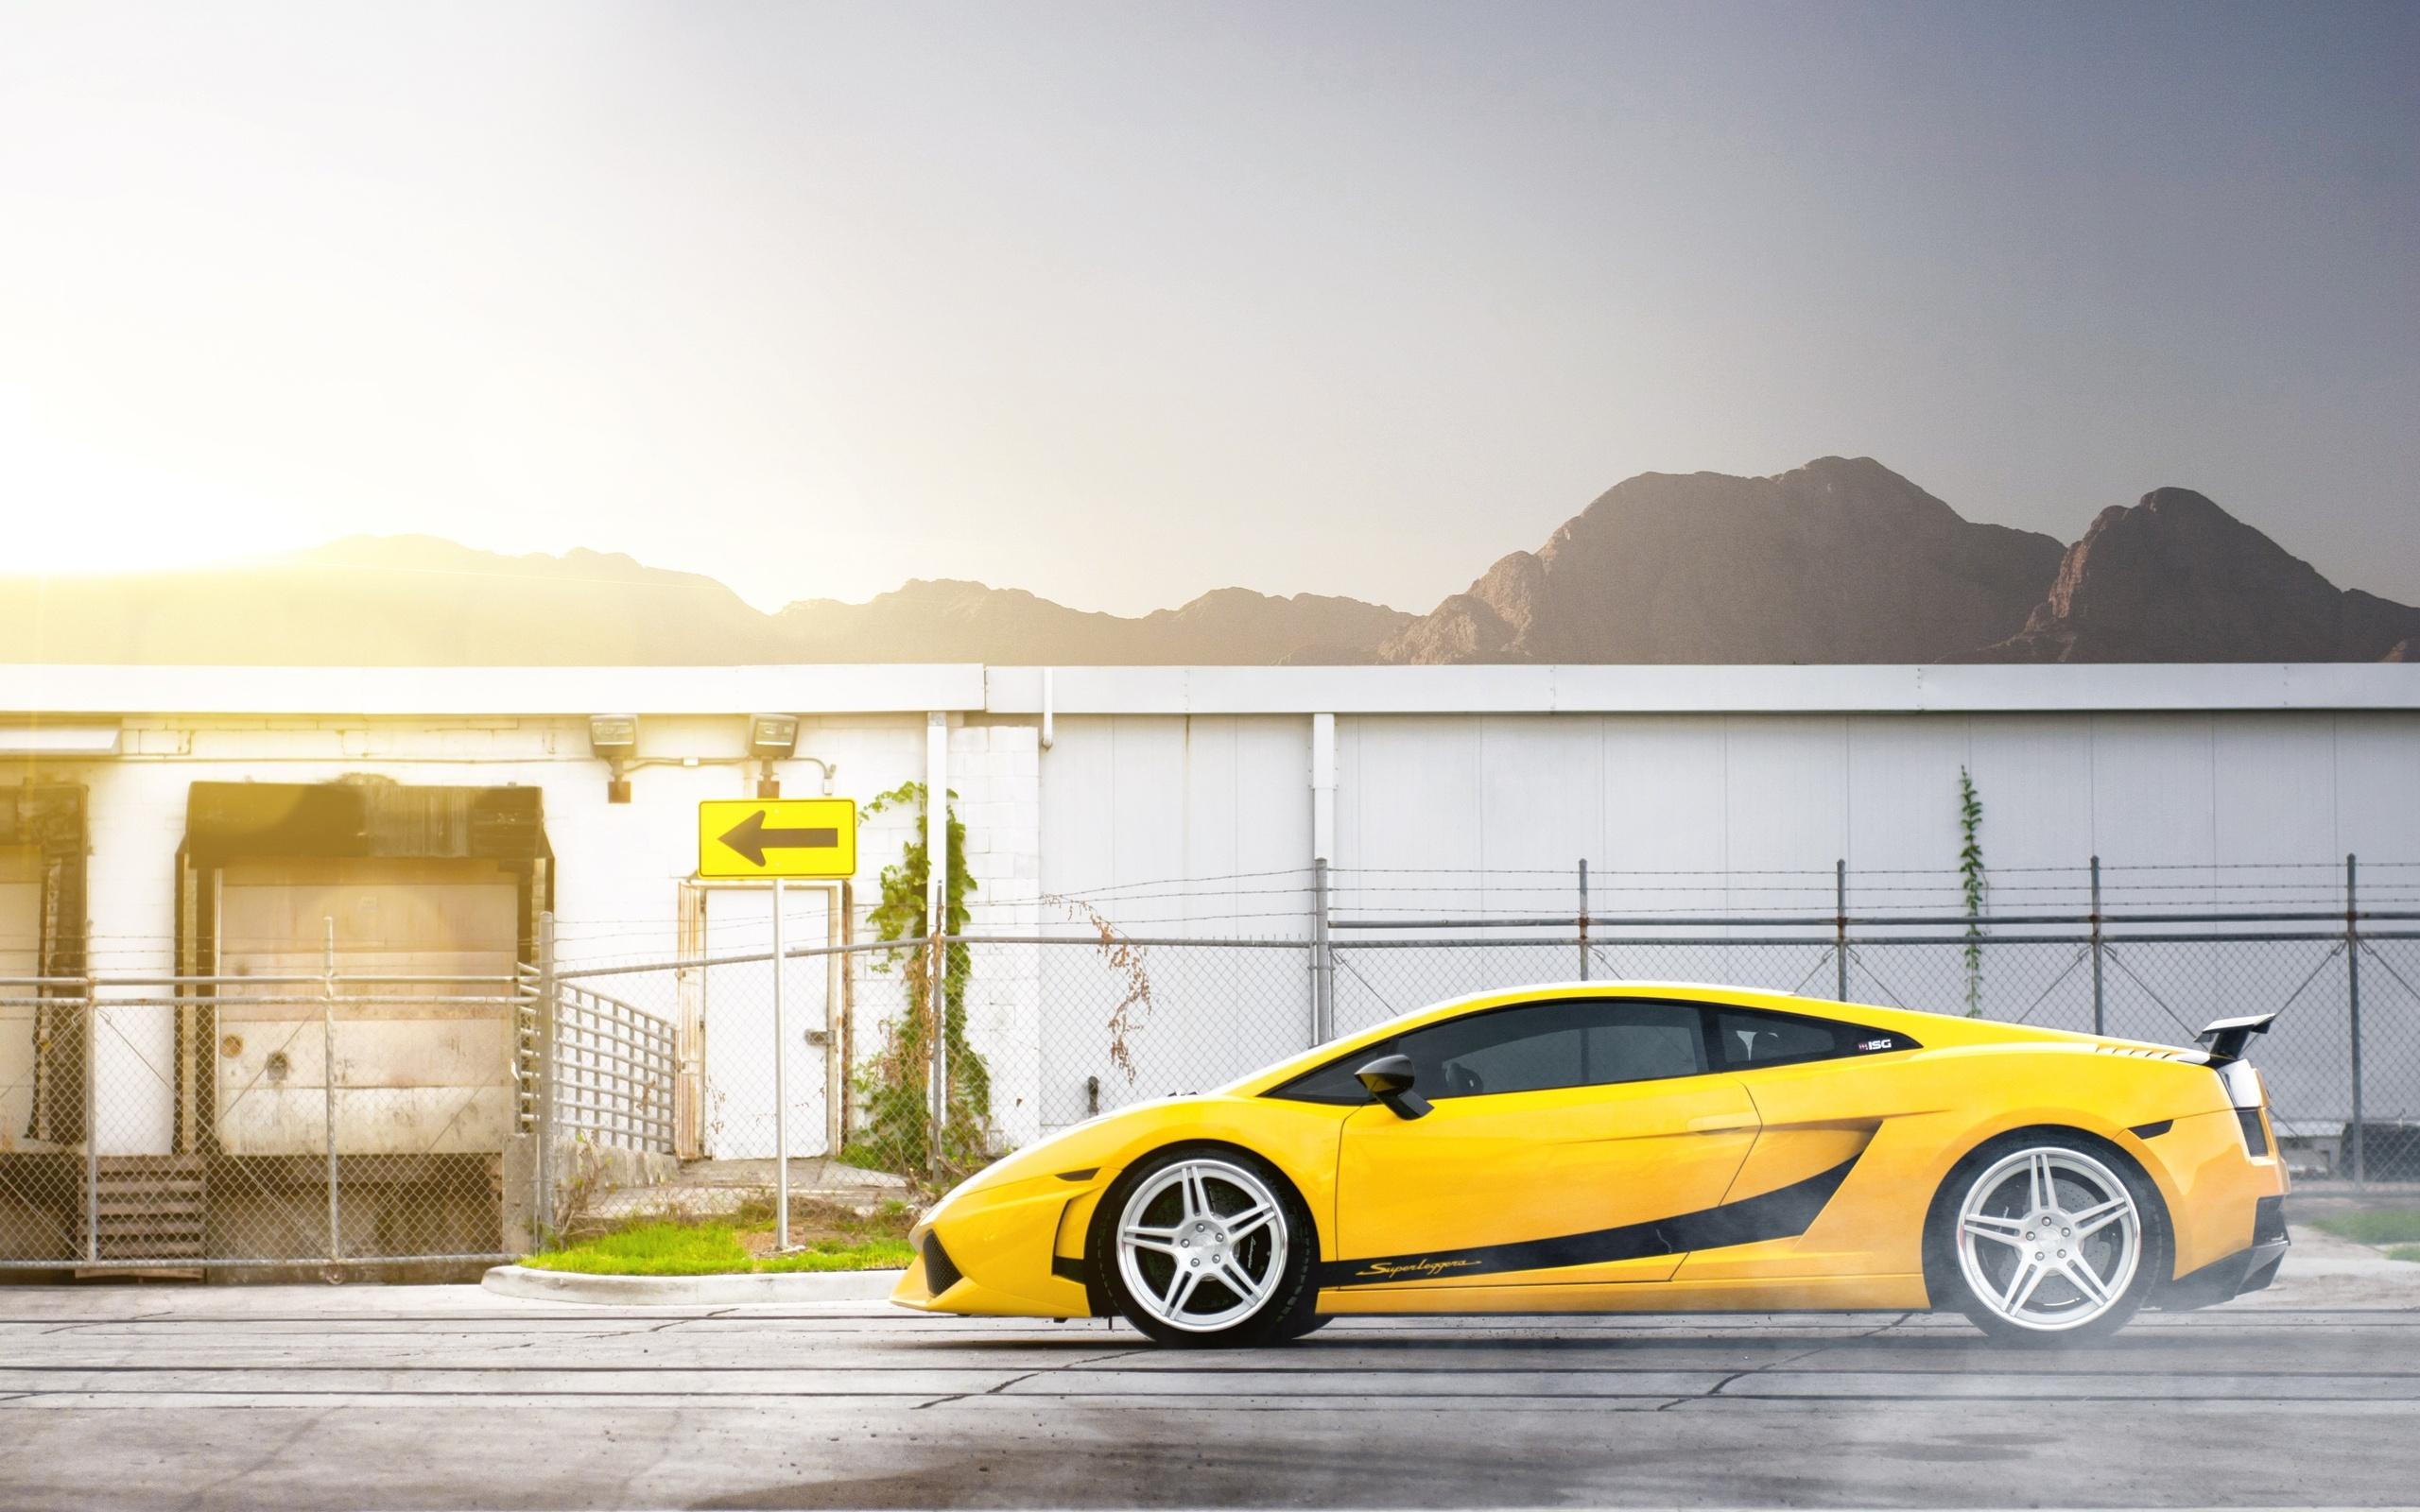 Wallpaper Sunlight Sign Lamborghini Gallardo Sports Car Yellow